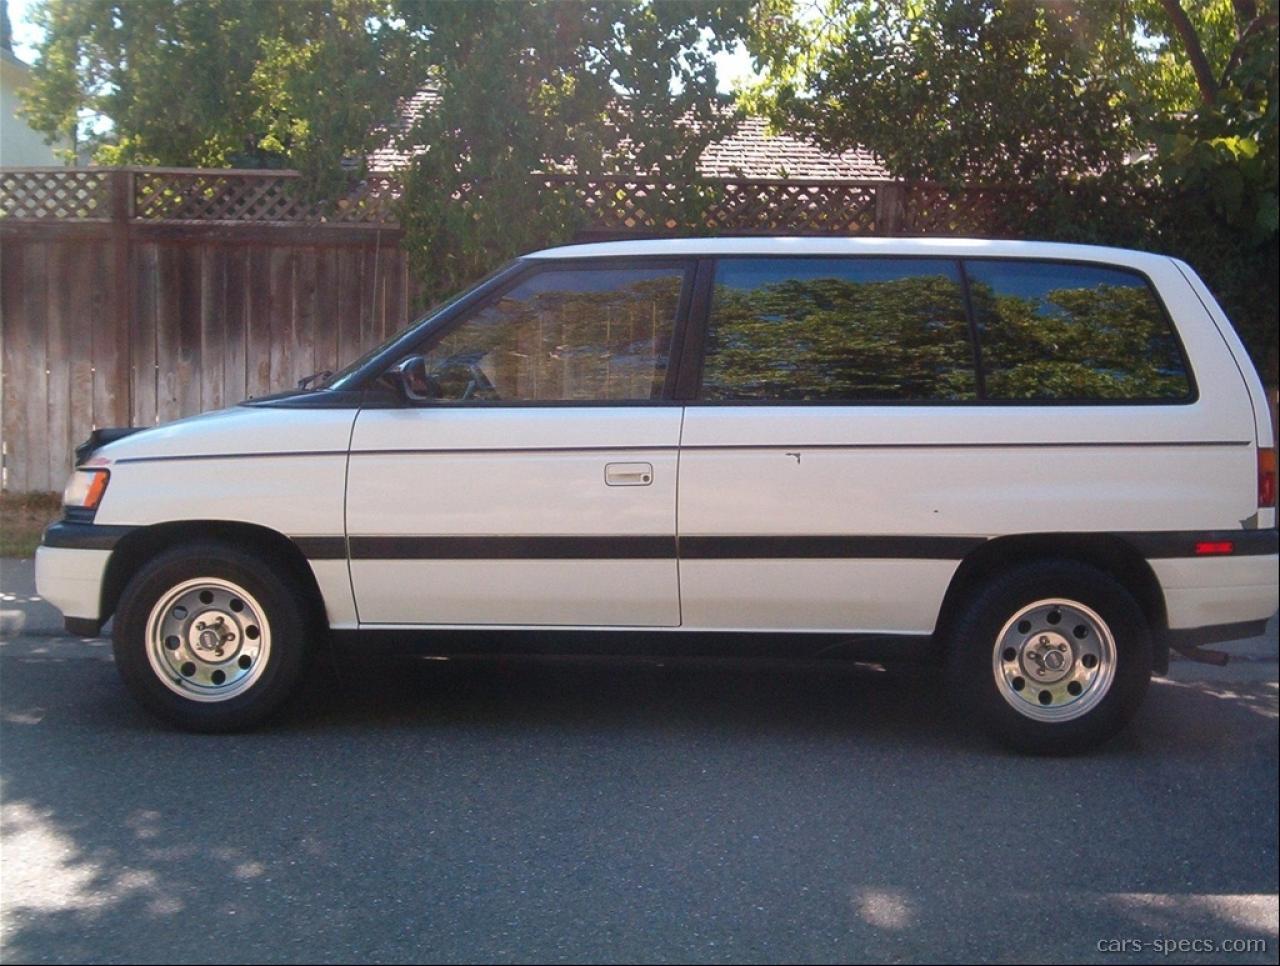 1991 Mazda MPV - Information and photos - ZombieDrive on 1991 kia sedona minivan, 1991 chevrolet lumina minivan, 1991 toyota previa minivan,